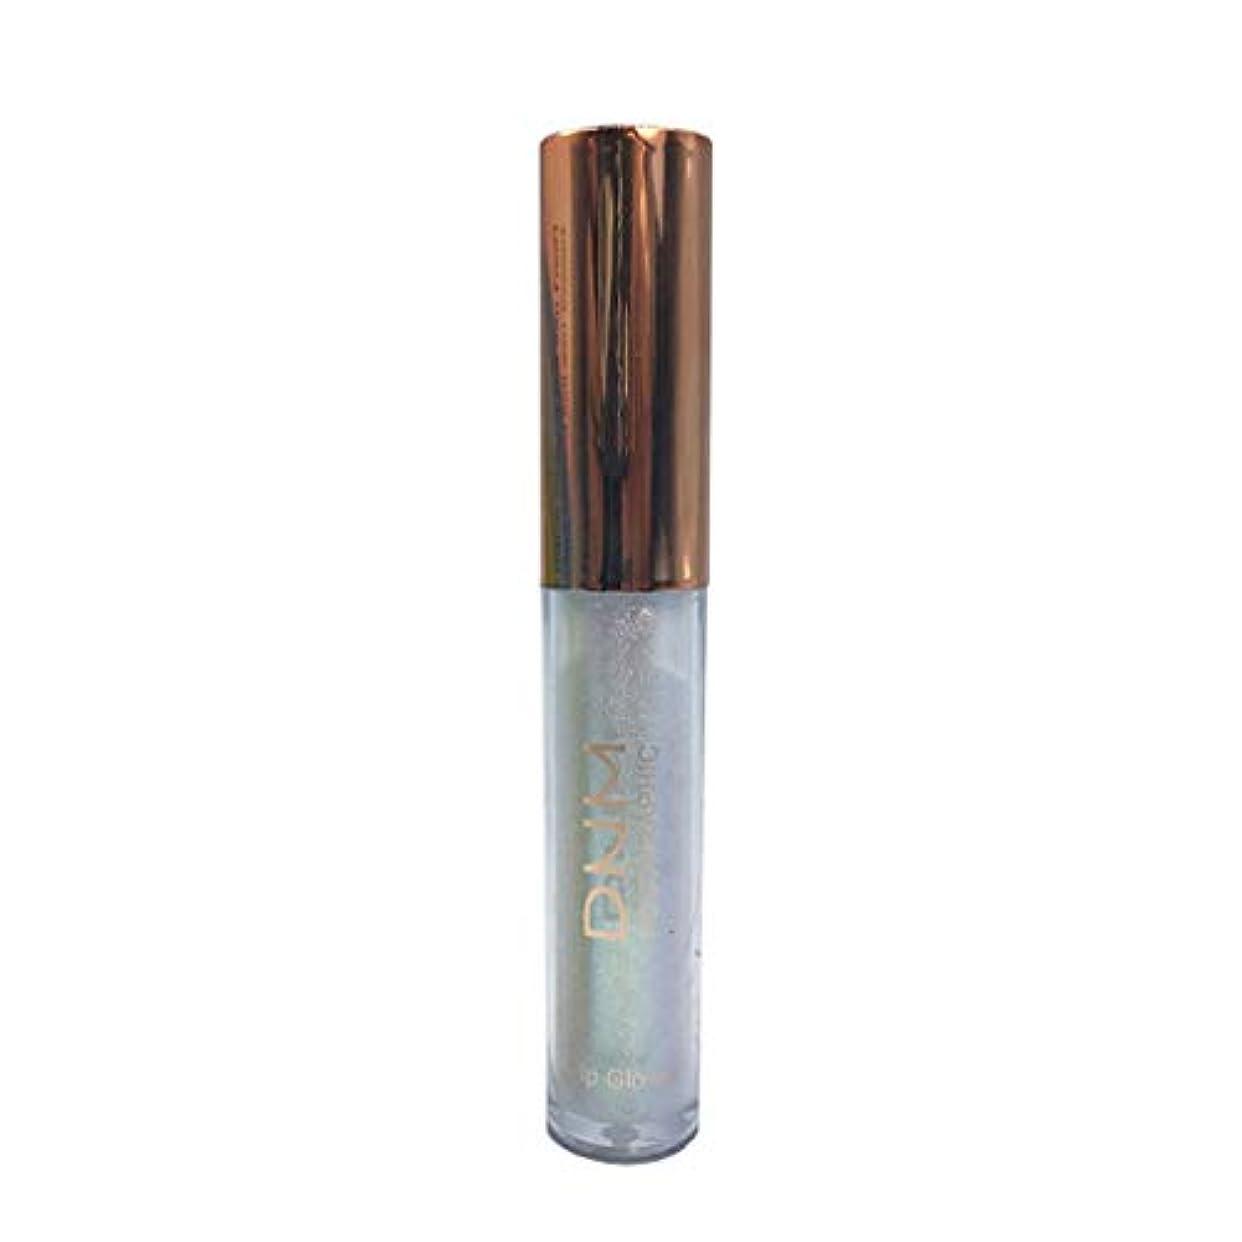 マンハッタンふくろう彼らはリップクリーム 液体 キラキラ ピンク 紫系 軽い 口紅 唇 リップバーム 光沢 分極 防水 長続き リップラインの色を鮮やかに描くルージュhuajuan (A)